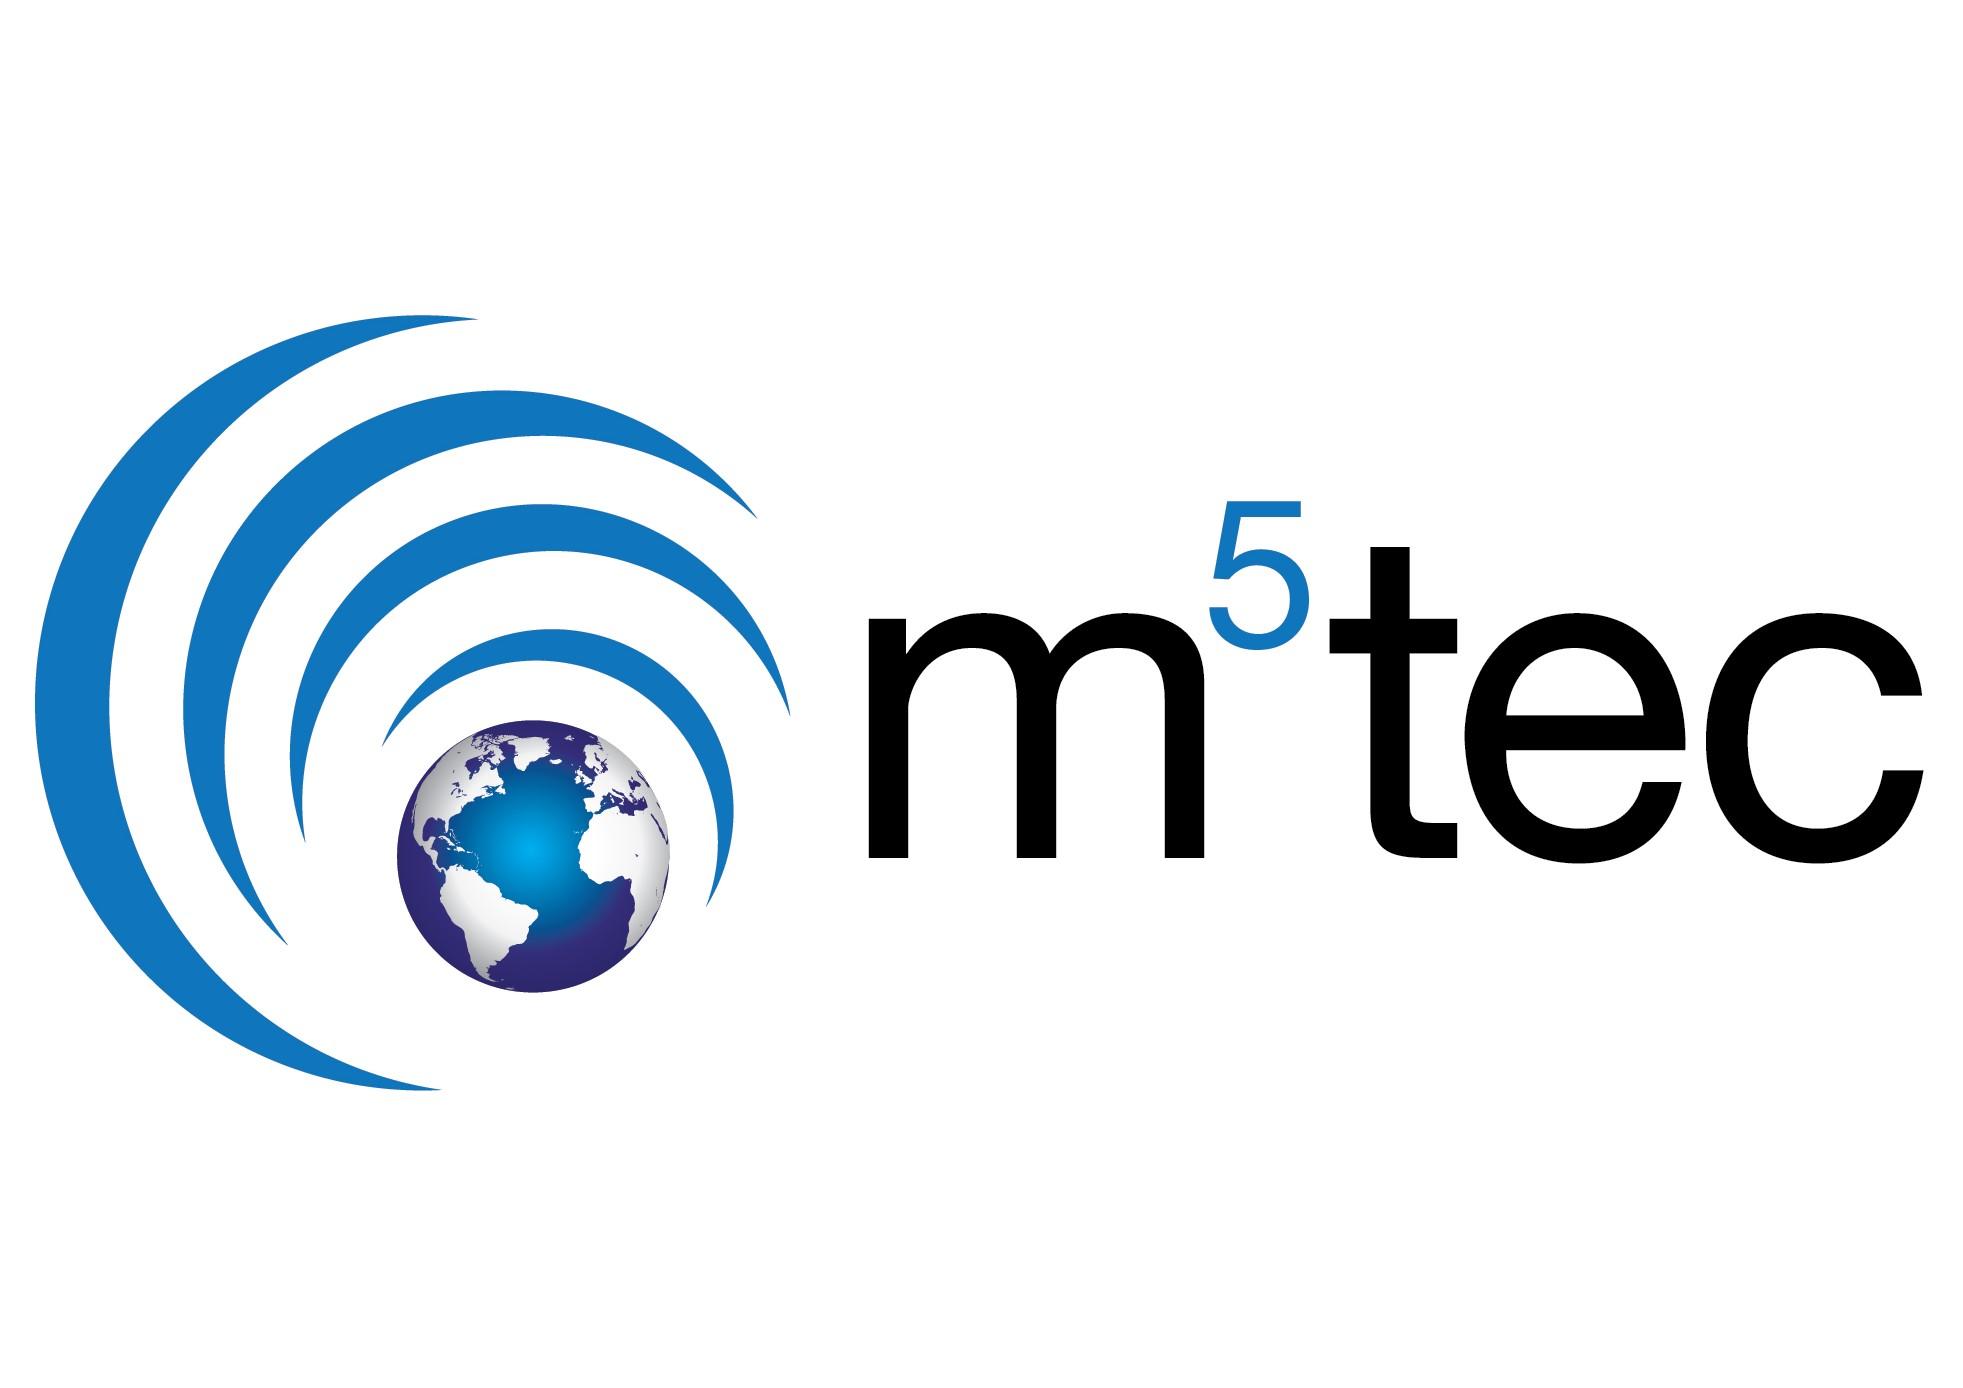 H52 - M5tec